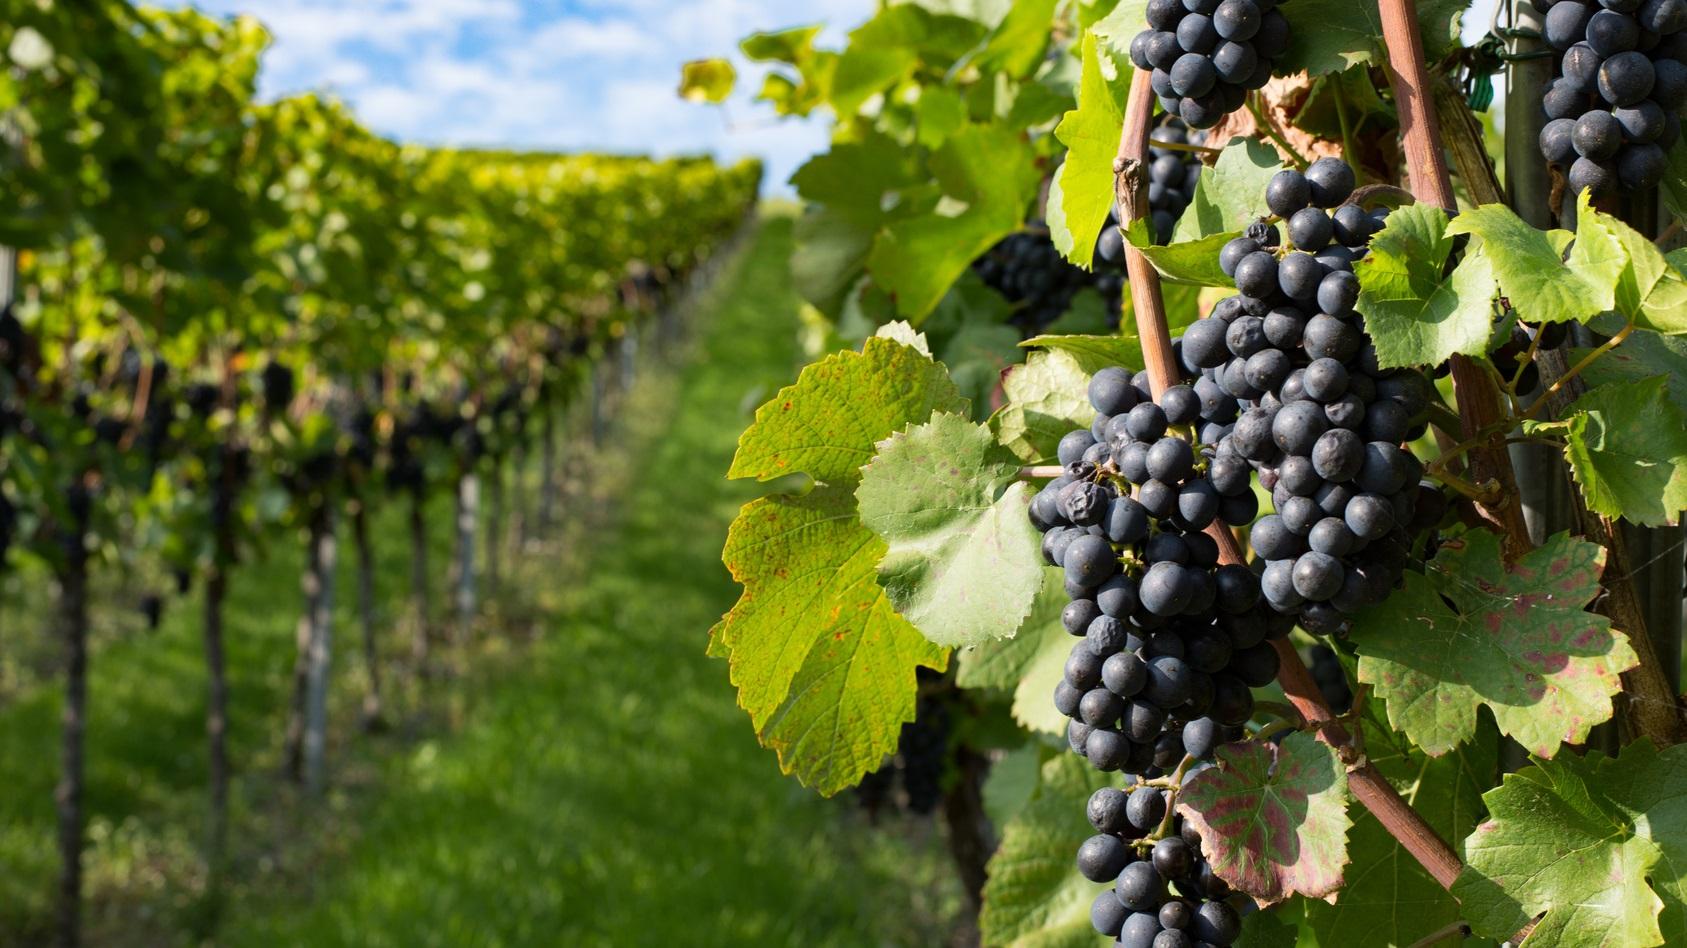 Zielona Góra winem płynąca